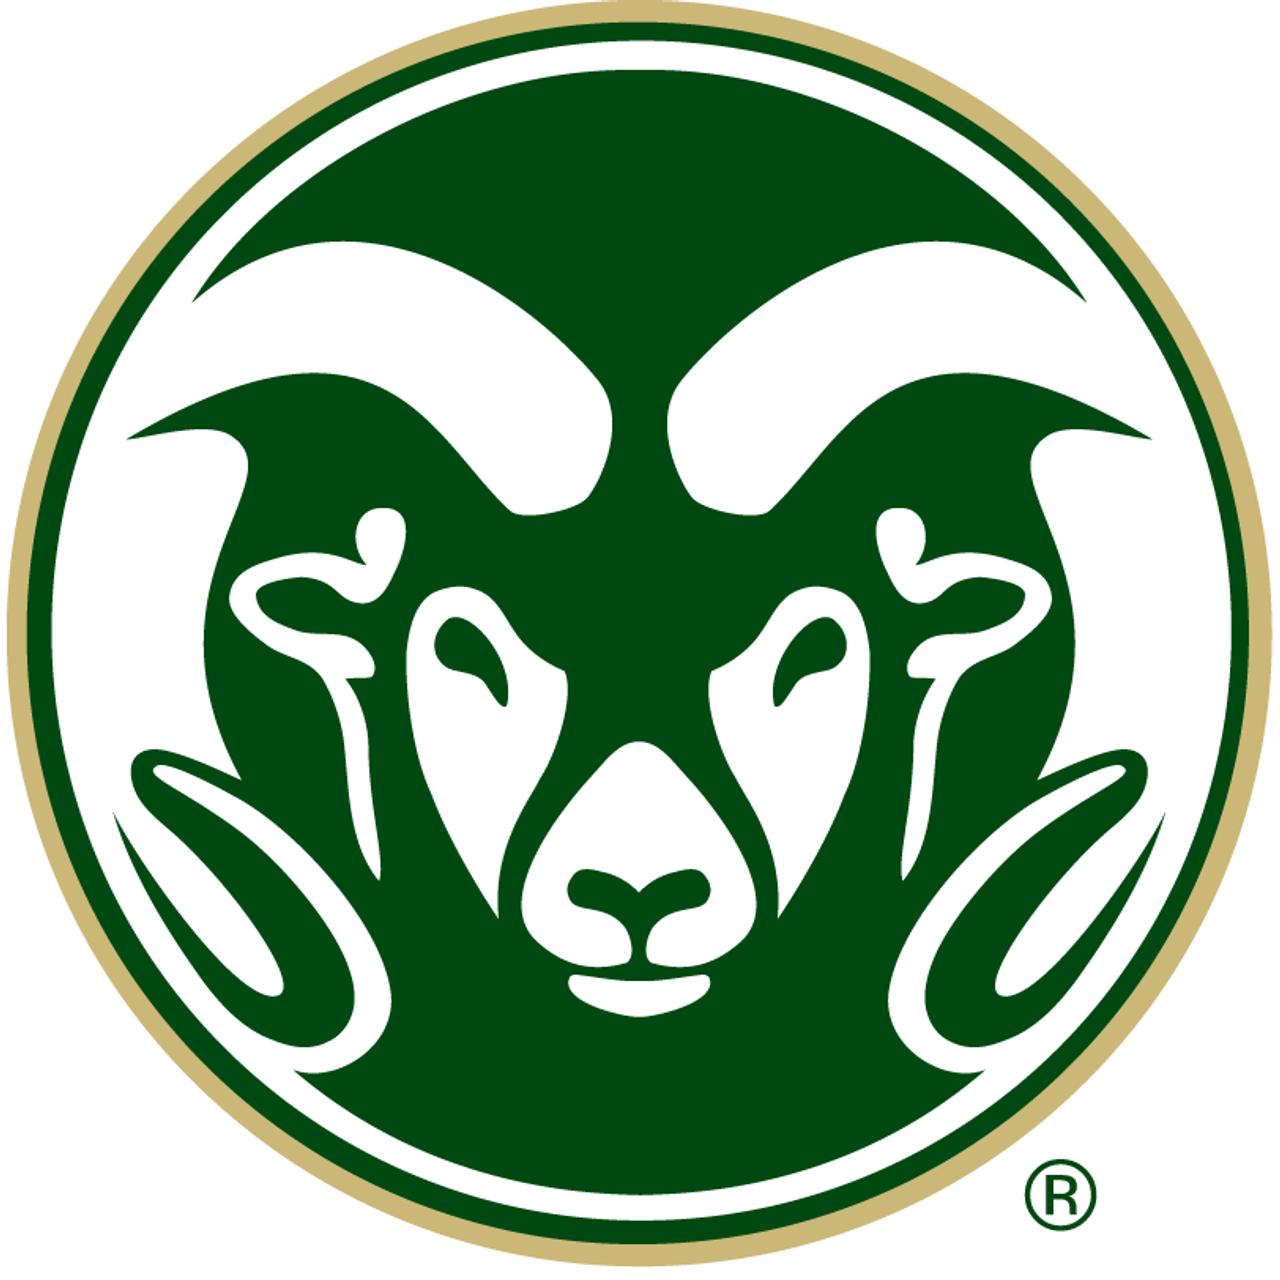 Colorado State University Rams